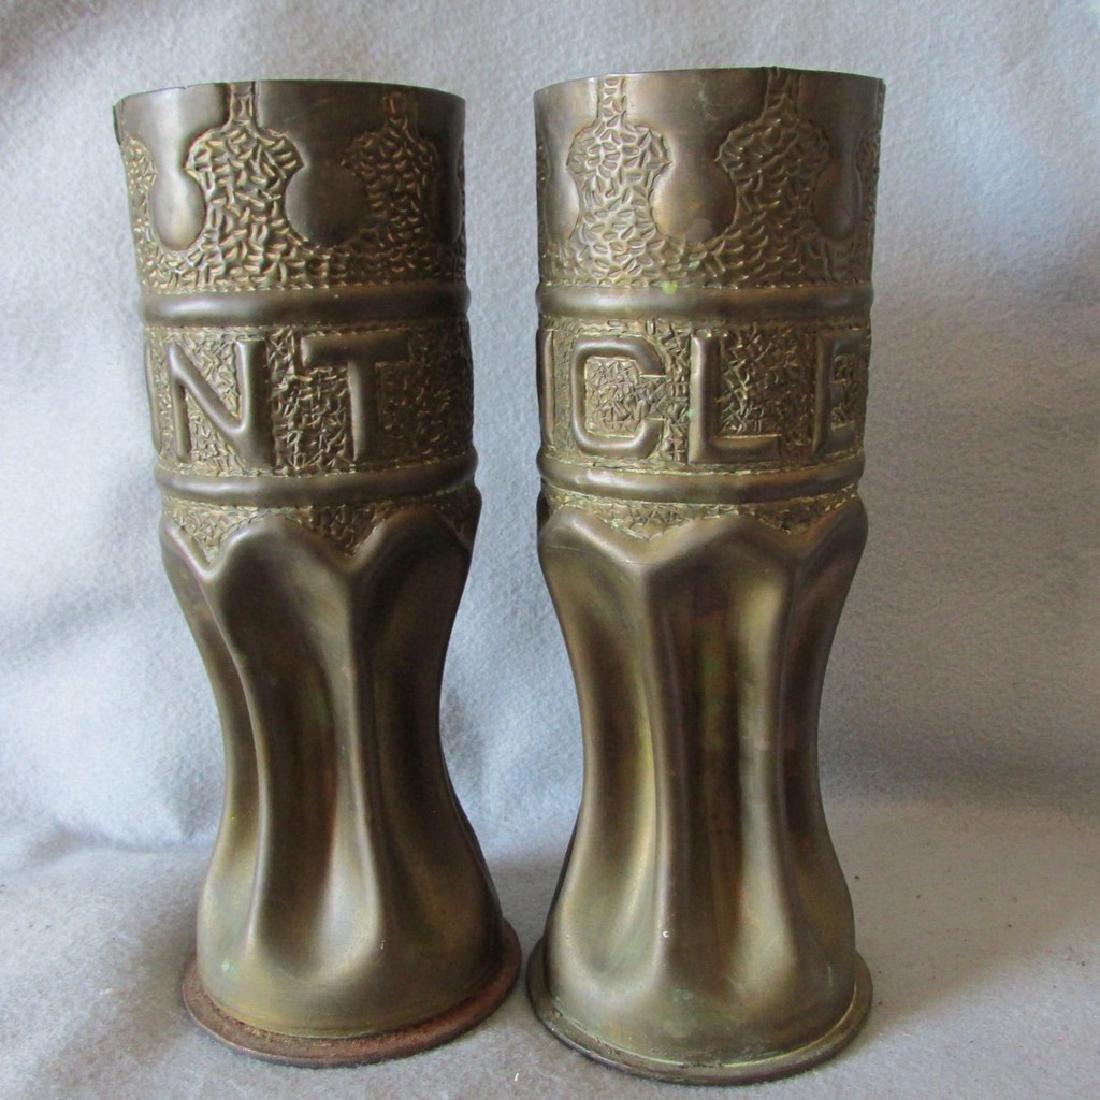 Pair Trench Art Vases, Military Shell Casings Folk Art - 2